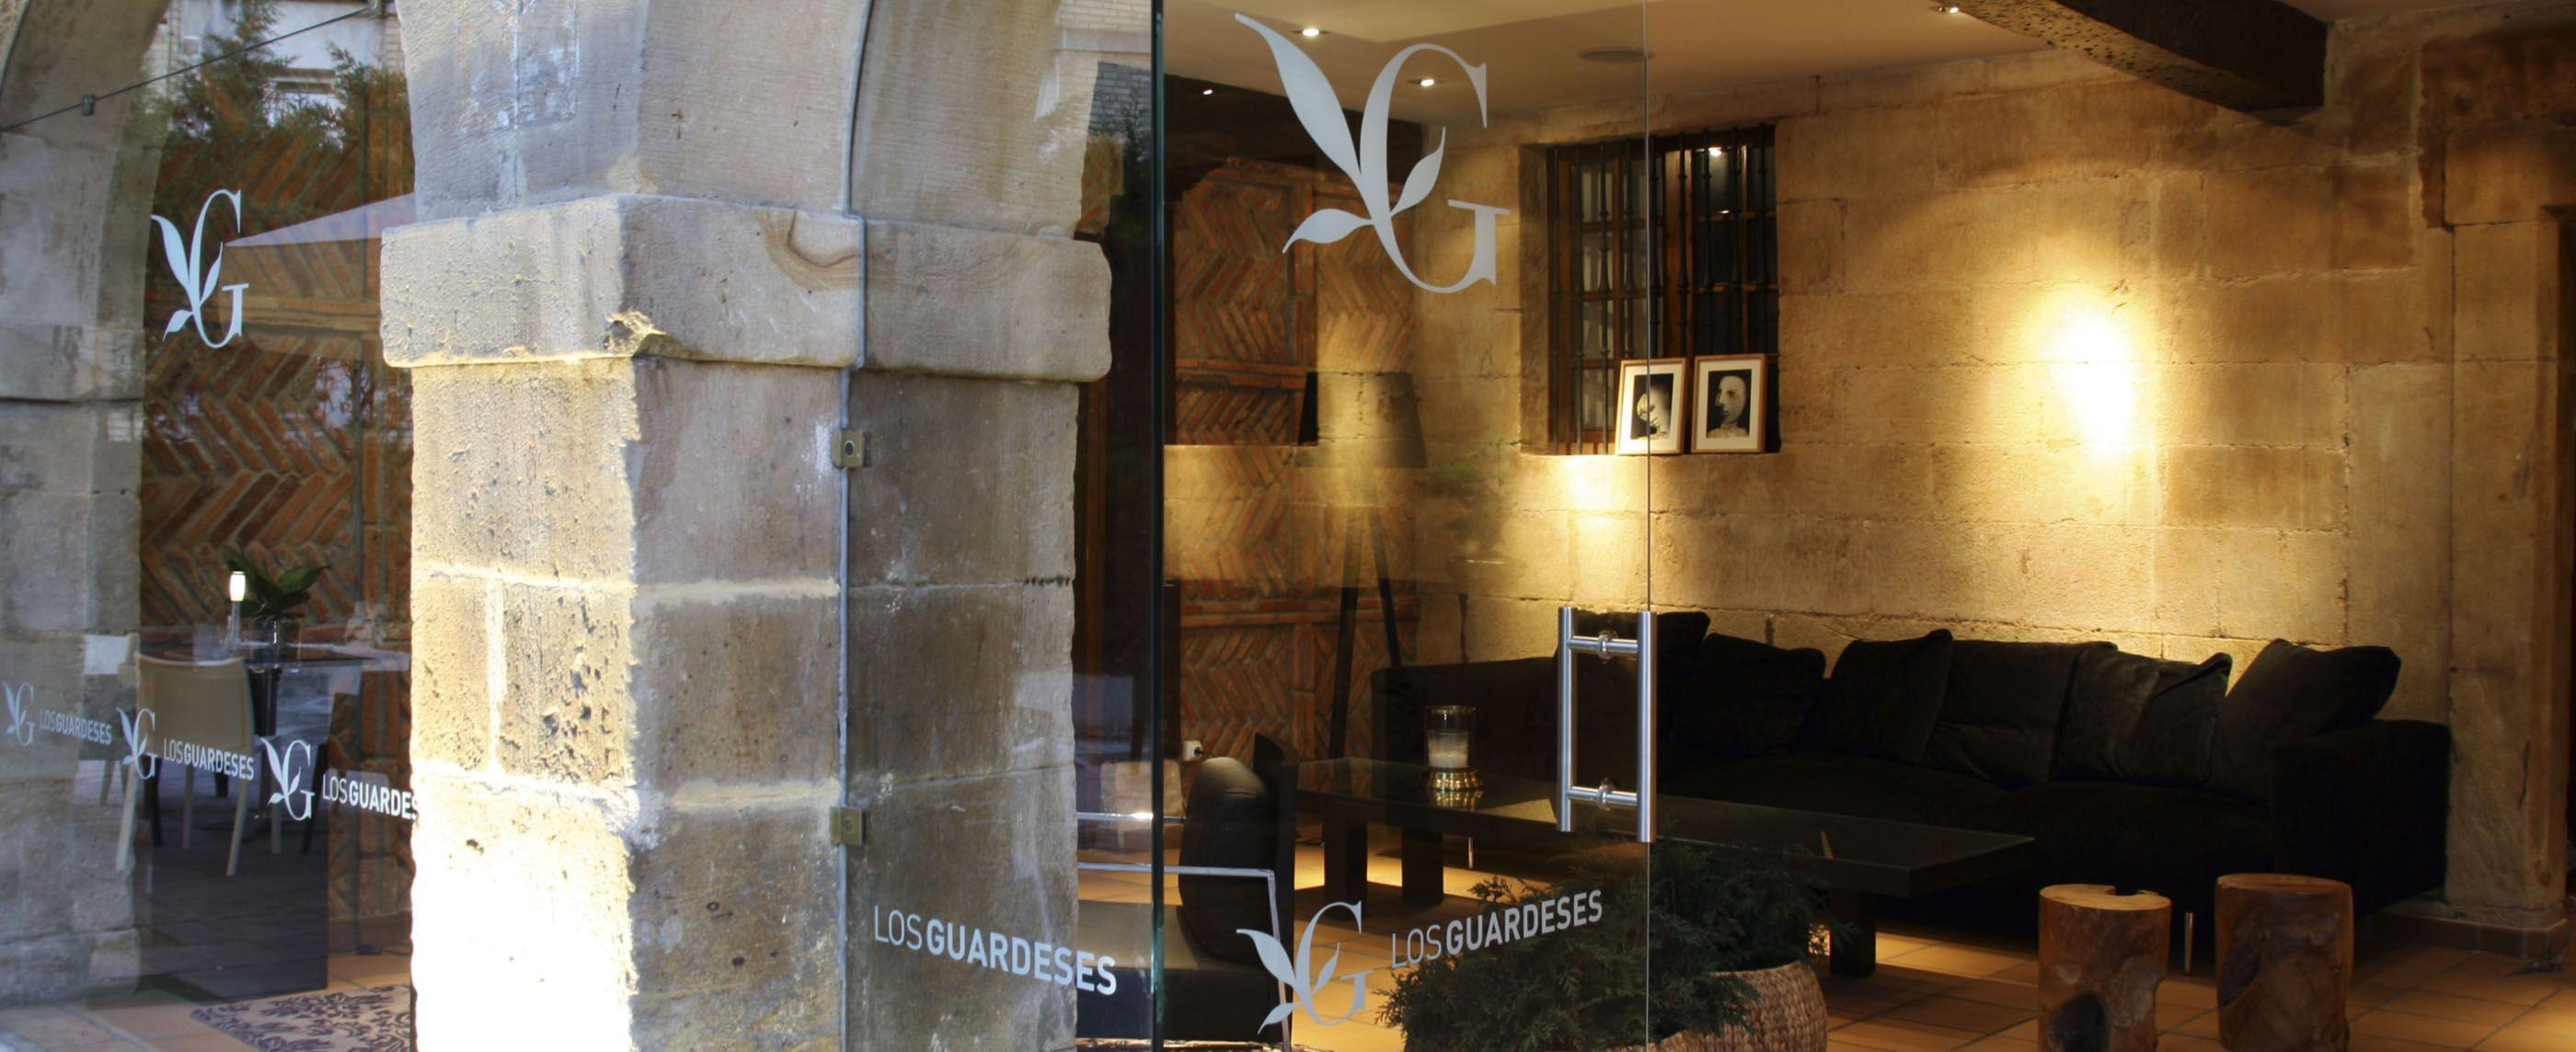 guardeses-lobby